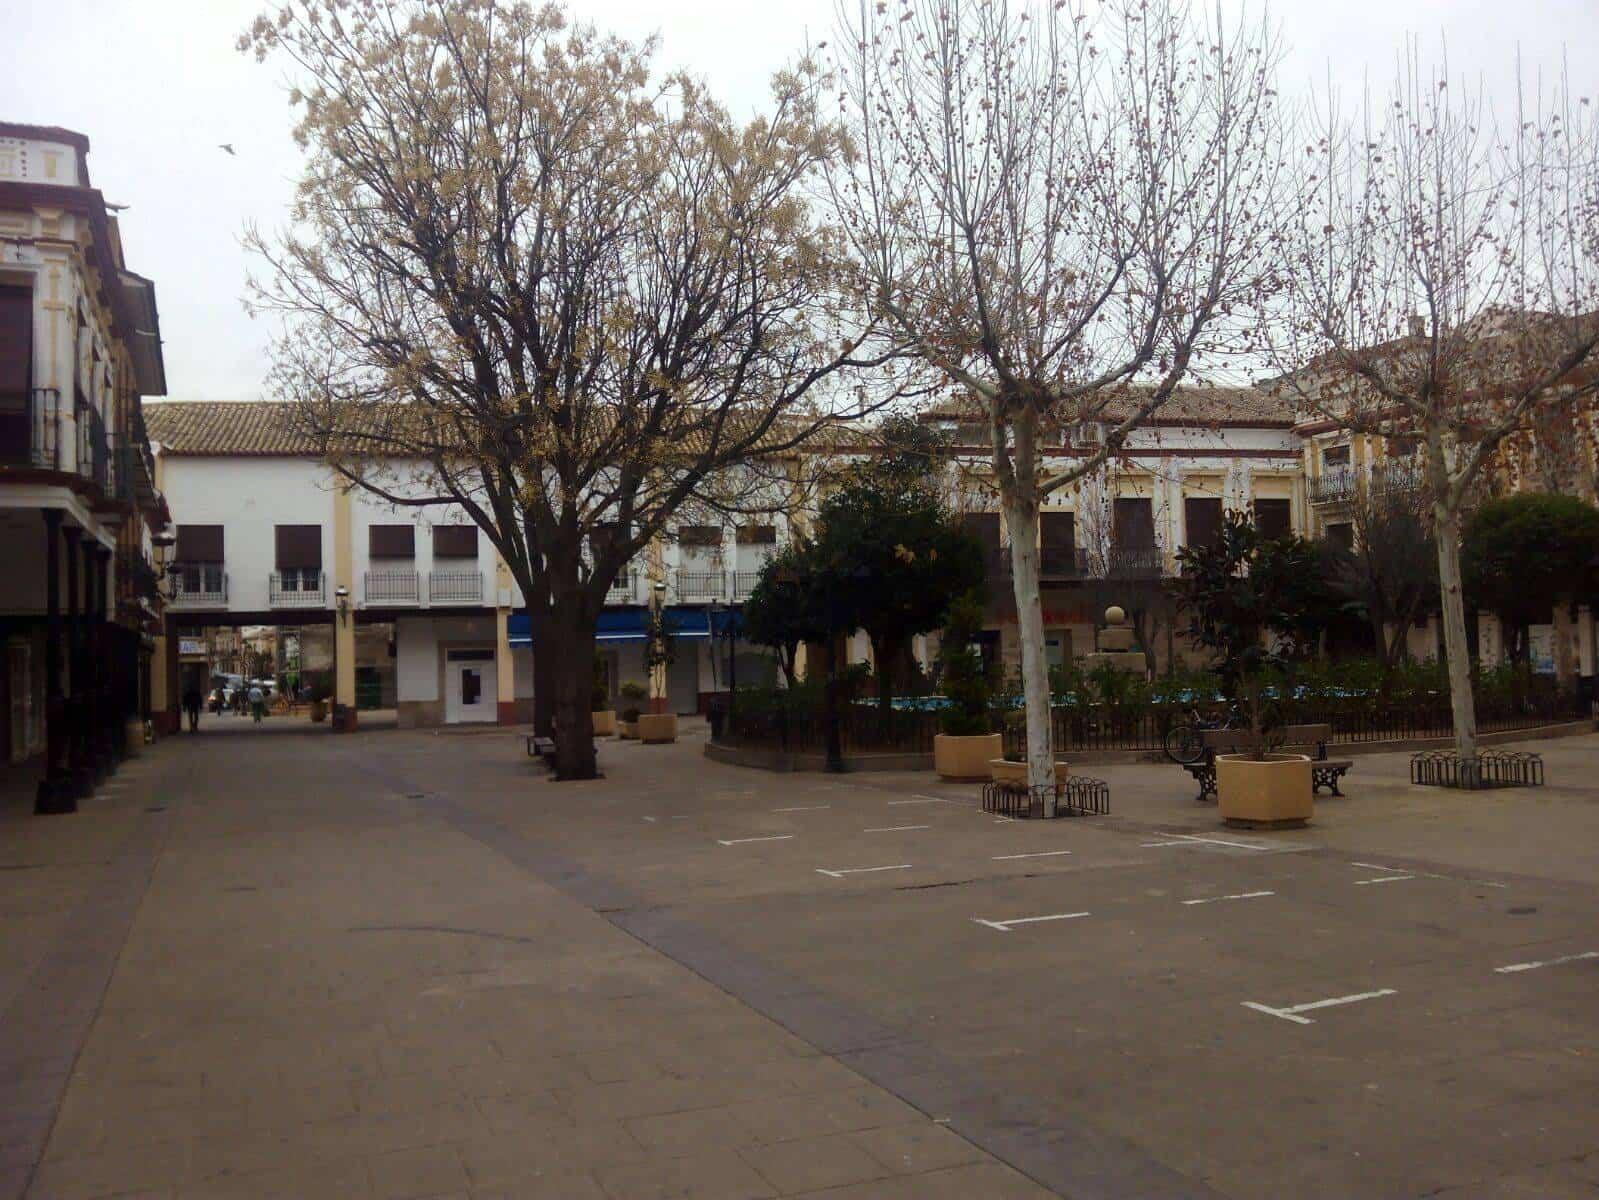 plaza espana herencia - Préstamo de 4 millones para inversiones en del Polígono y reformar la plaza